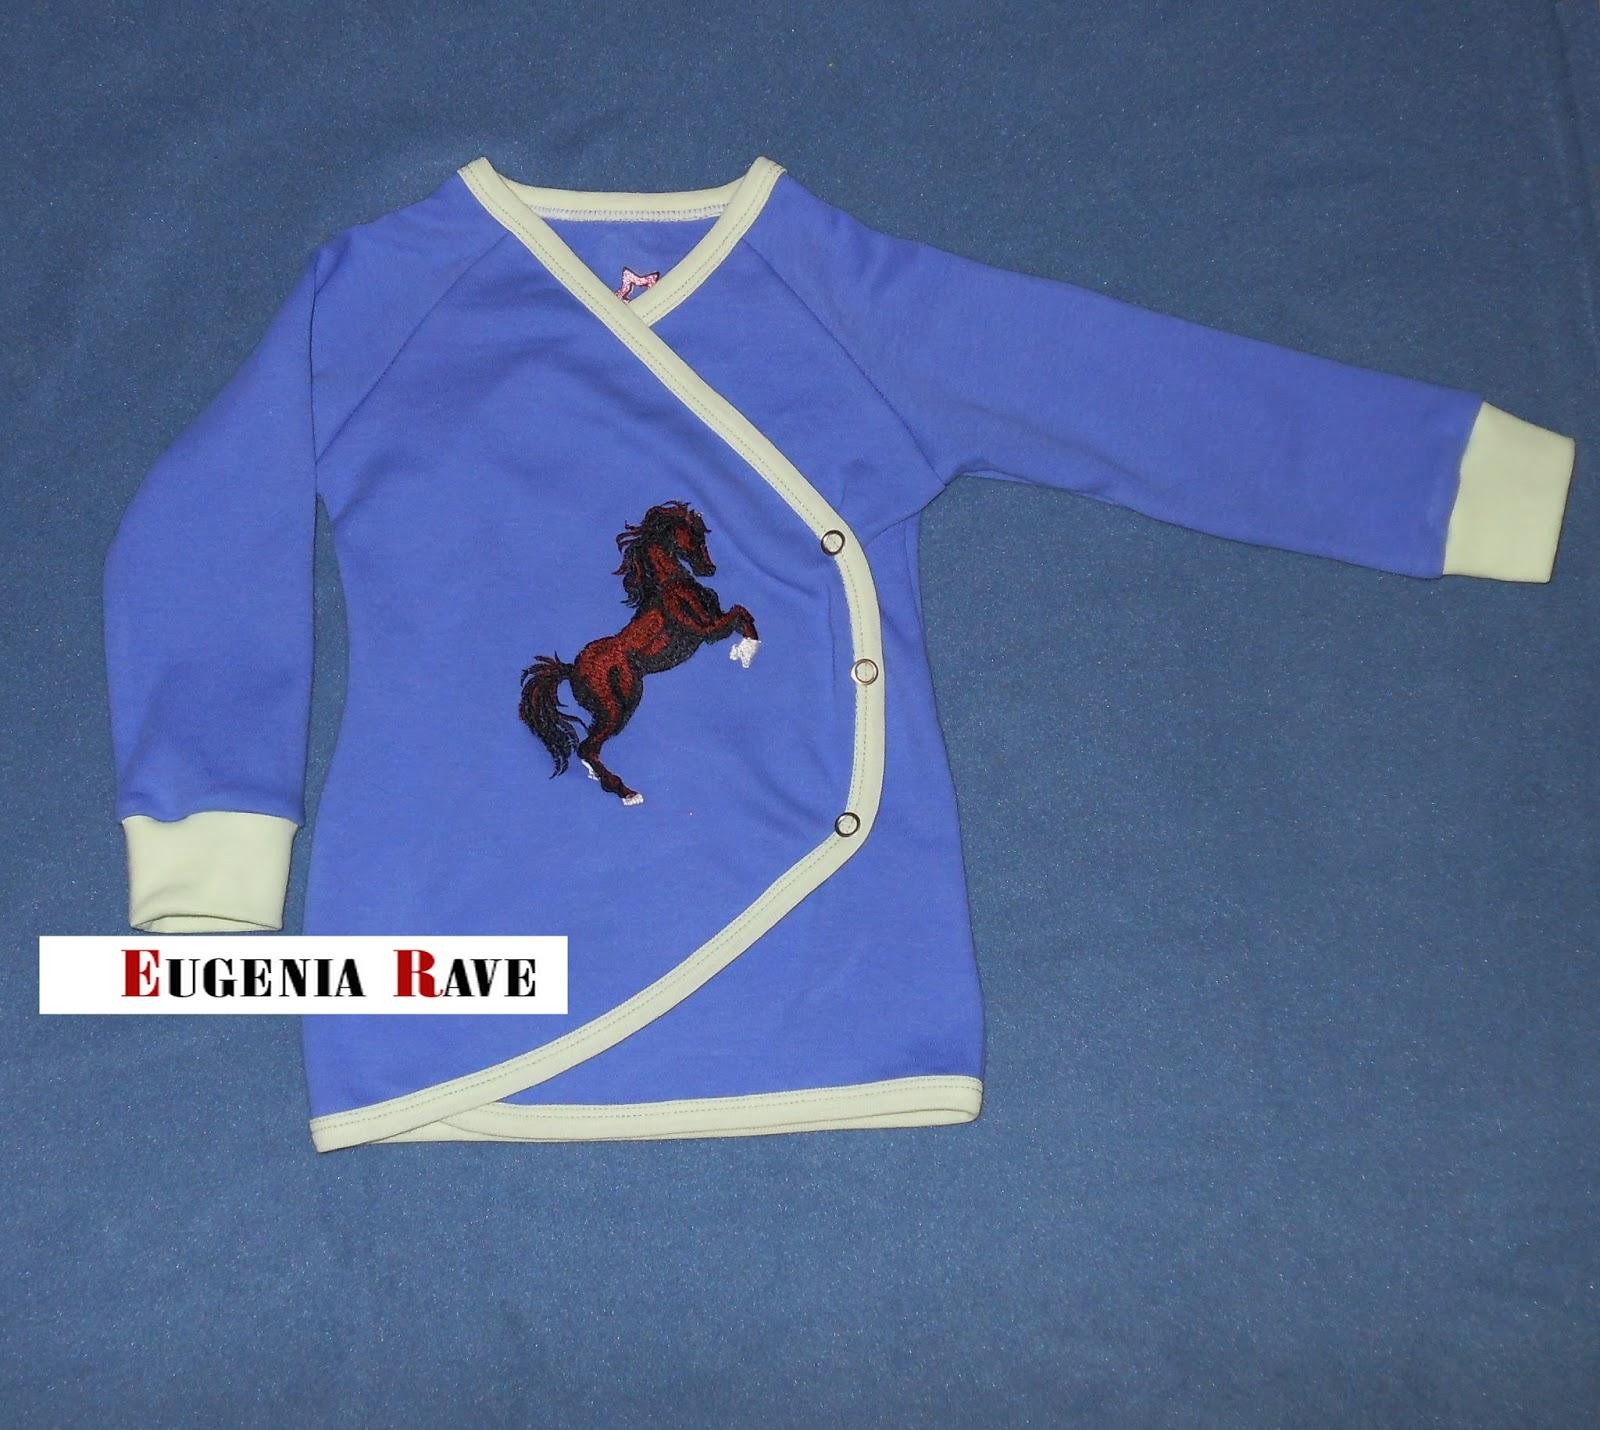 трикотажный костюм, распашонка, туника для девочки, научиться шить трикотаж